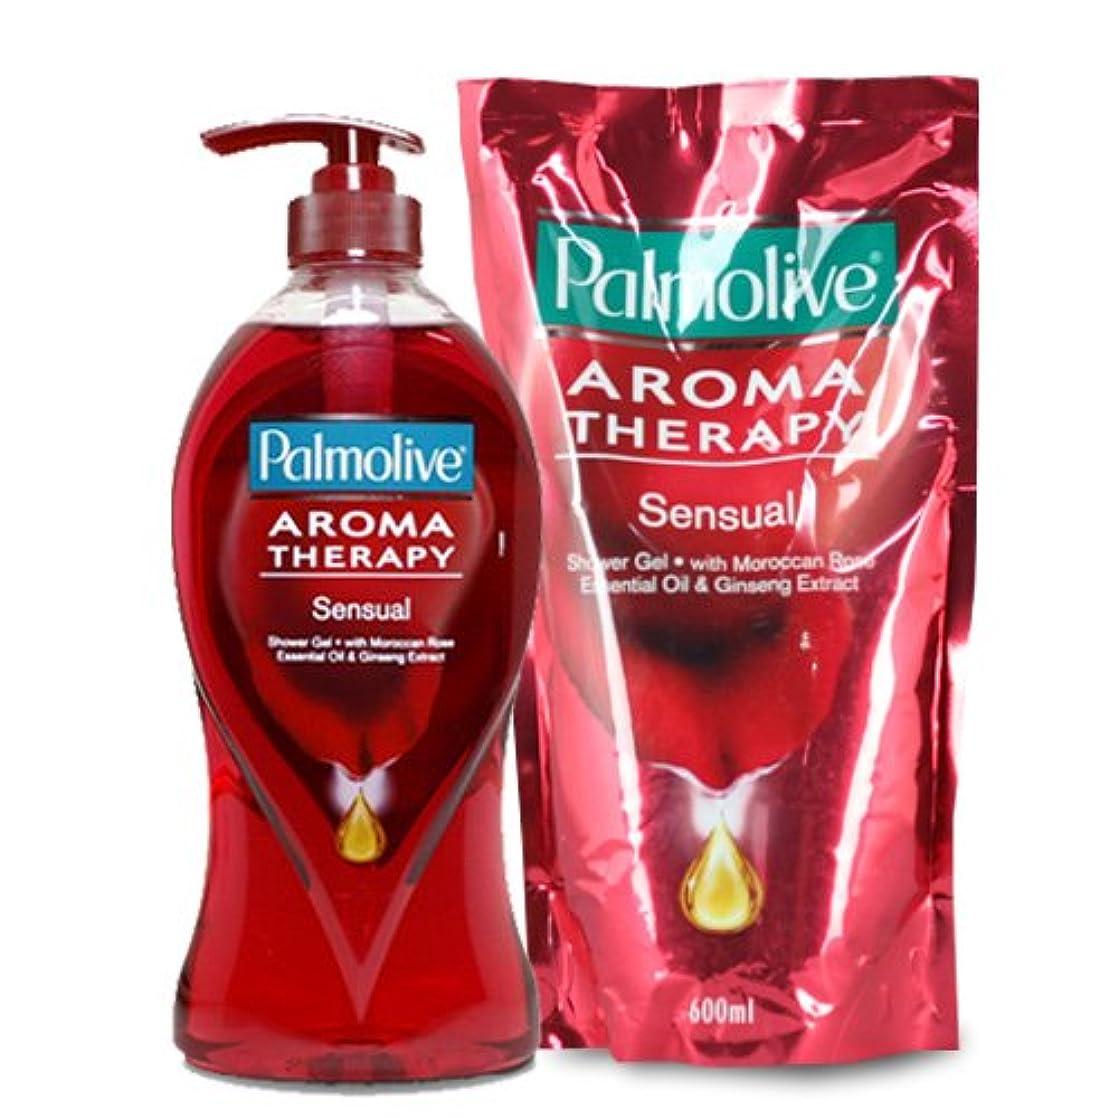 シャーク精査緊張する【Palmolive】パルモリーブ アロマセラピーシャワージェル ボトルと詰め替えのセット (センシャル)